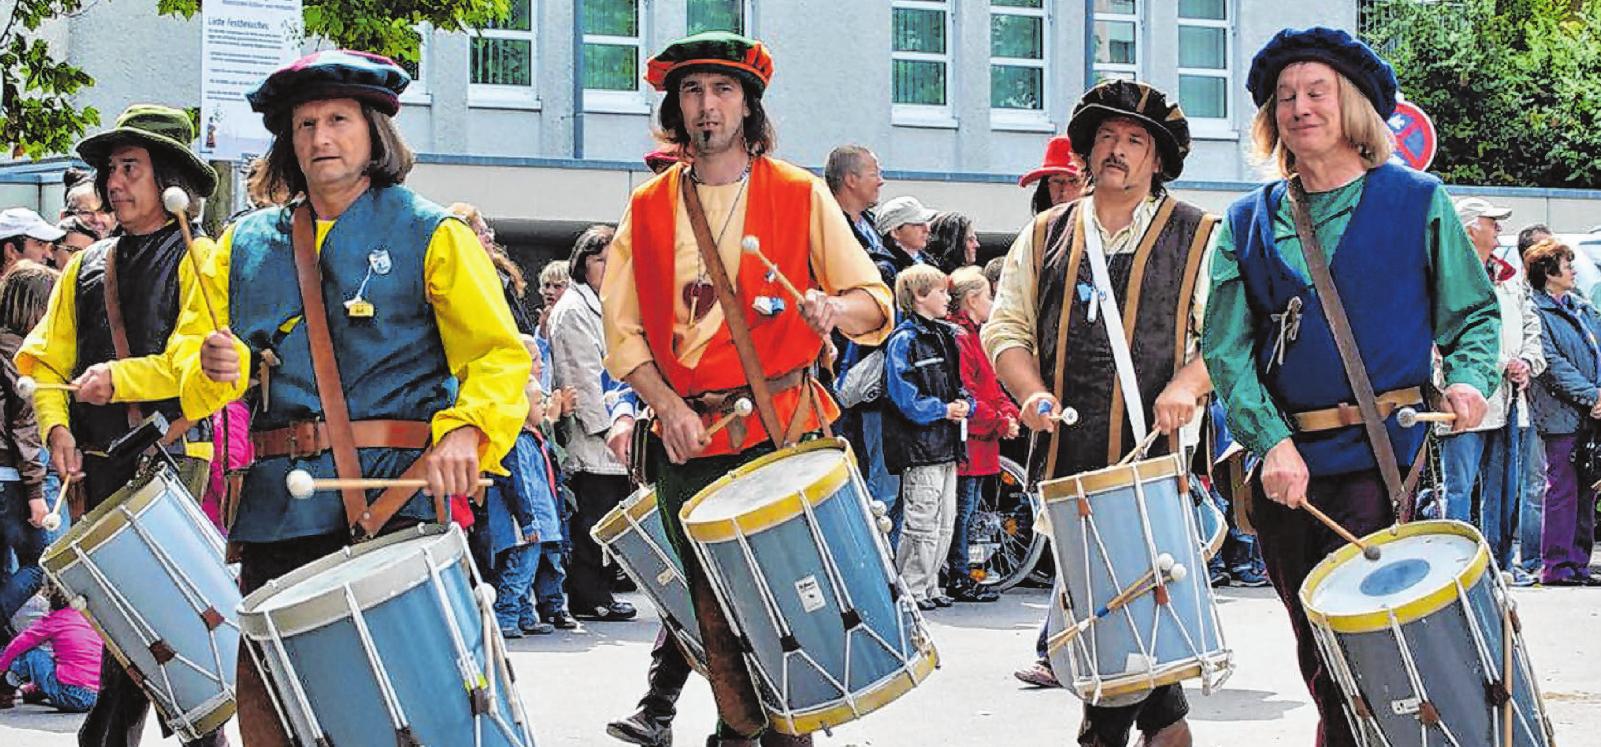 In diesem Jahr zählen unter anderem die Muntprat-Trommler aus Ravensburg zu den Gästen beim großen Irma-West-Kinderfest- Umzug am Sonntag.